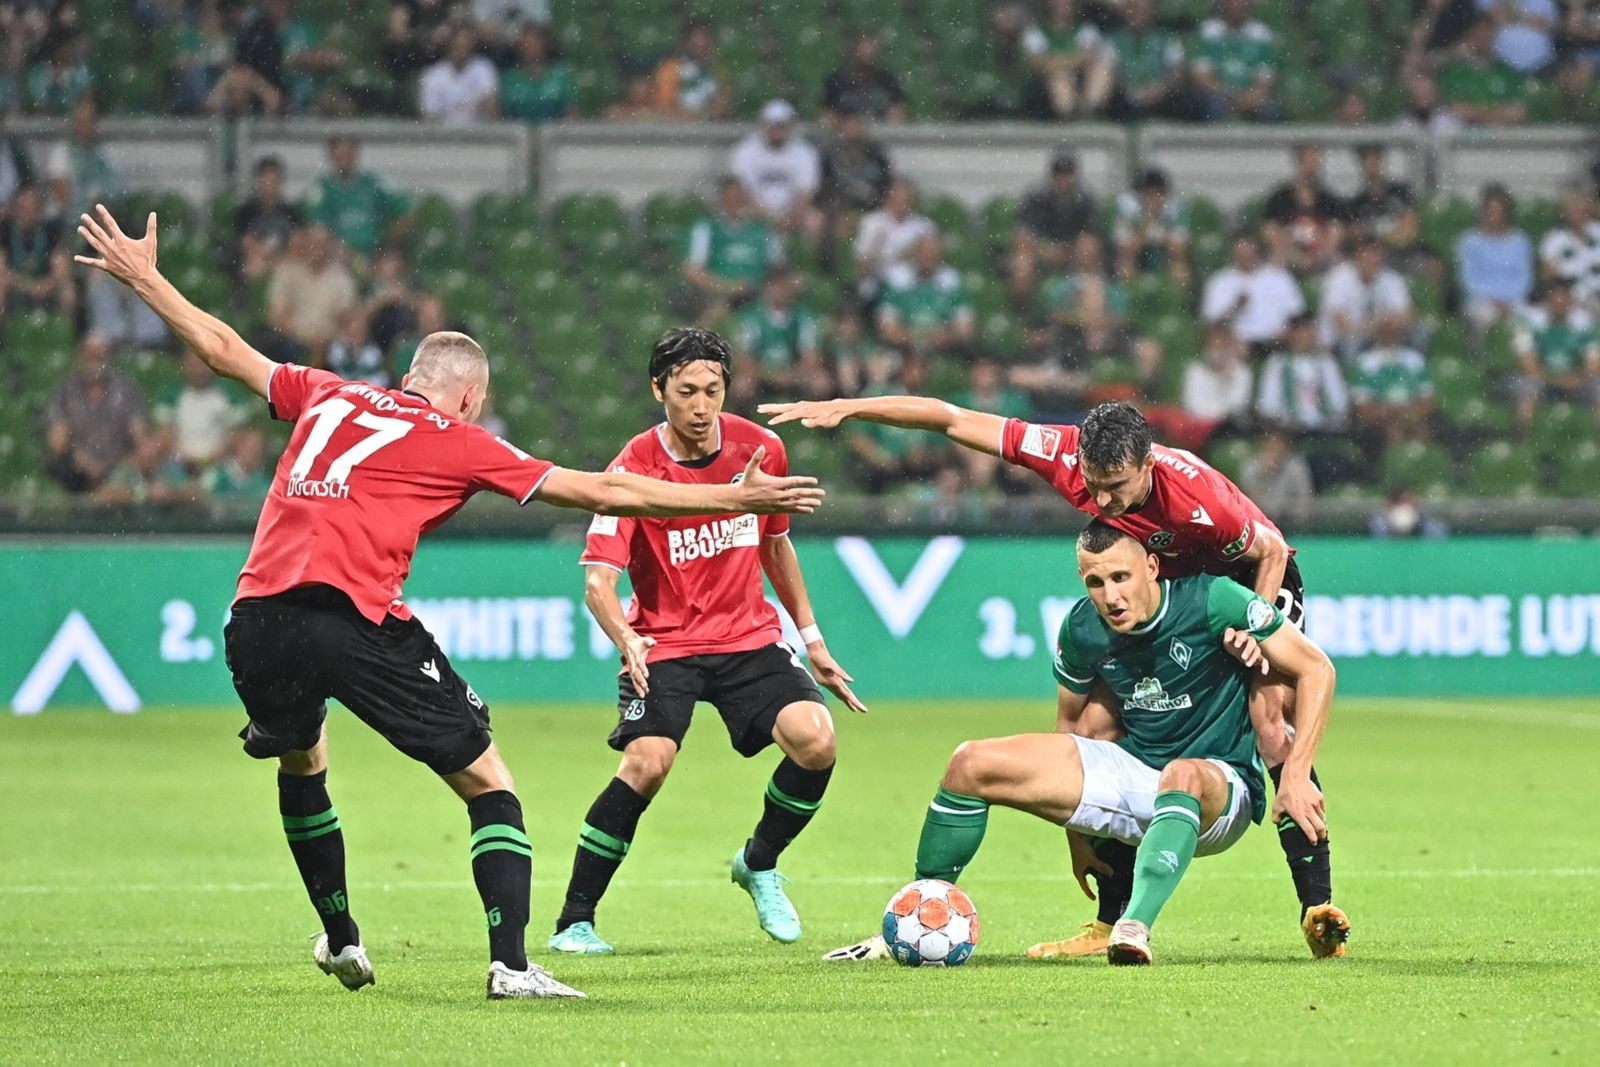 GER, 2.FBL, SV Werder Bremen vs Hannover 96 / 24.07.2021, wohninvest Weserstadion, Bremen, GER, 2.FBL, SV Werder Bremen